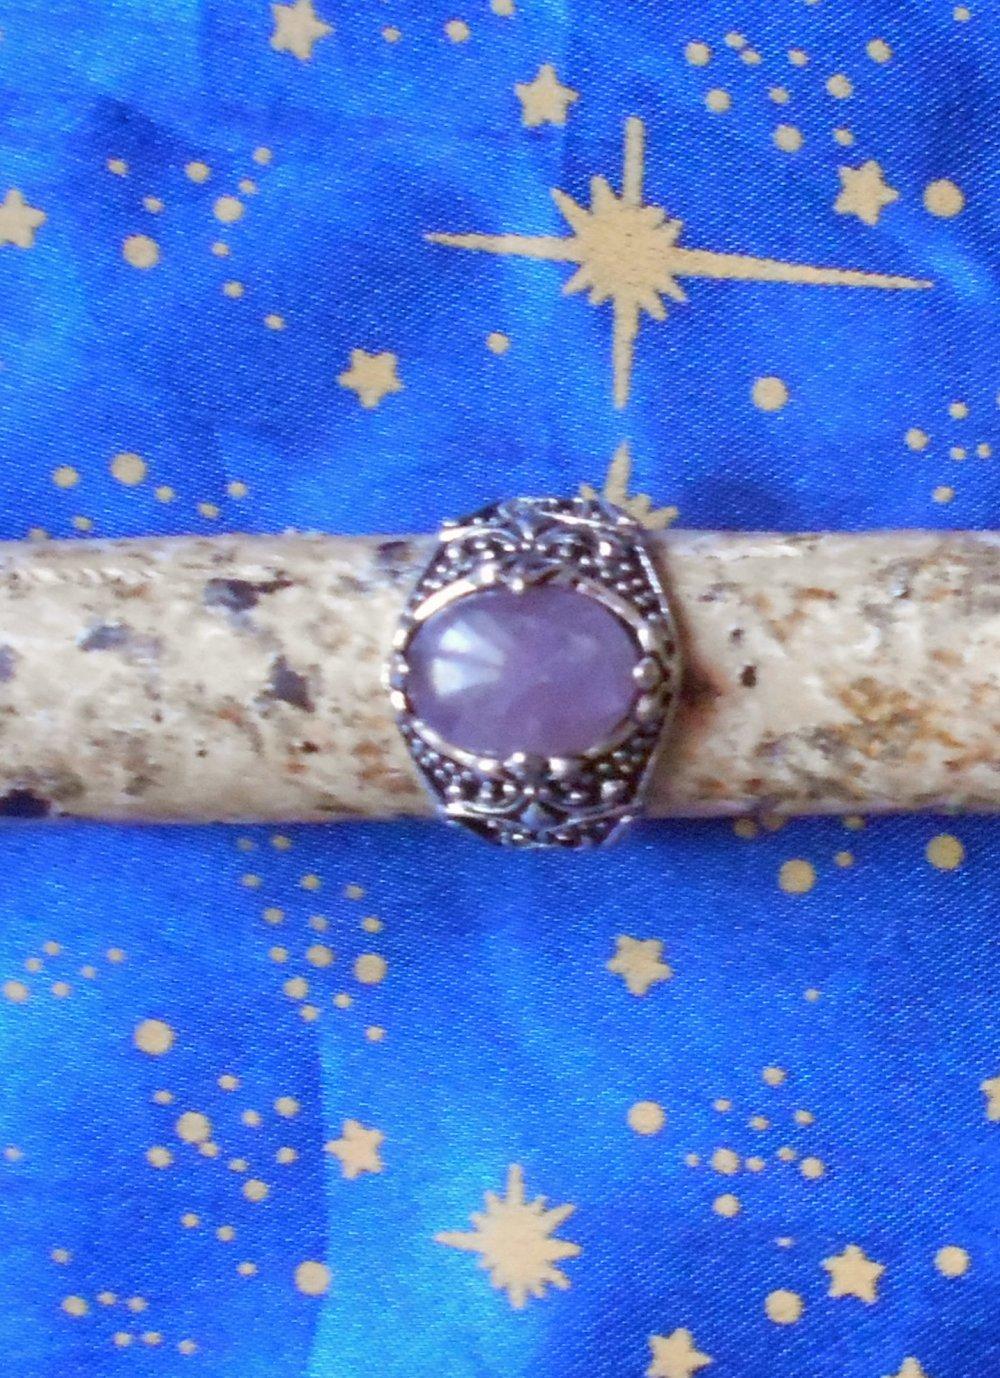 Chevalière en alliage argent/étain, motif fleur de lys, avec une améthyste sertie de 10x14mm.